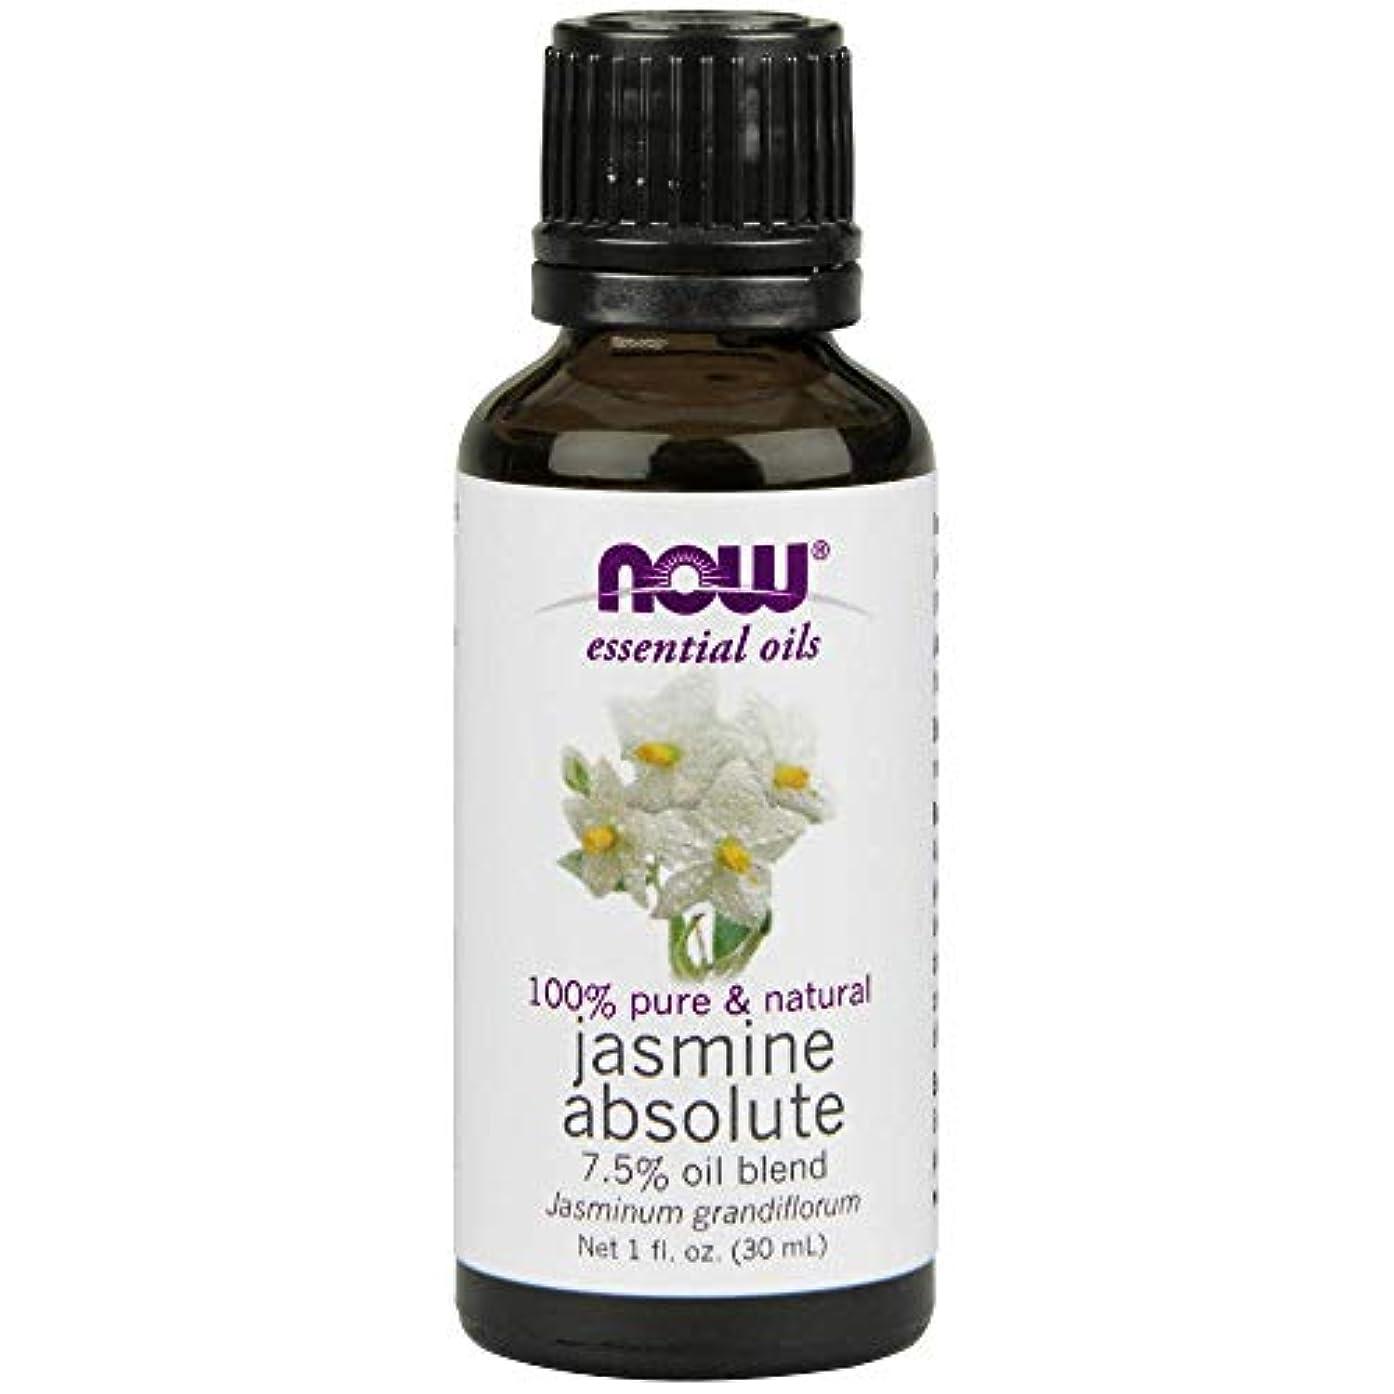 ルールギャング主権者Now - Jasmine Absolute Oil 7.5% Oil Blend 1 oz (30 ml) [並行輸入品]